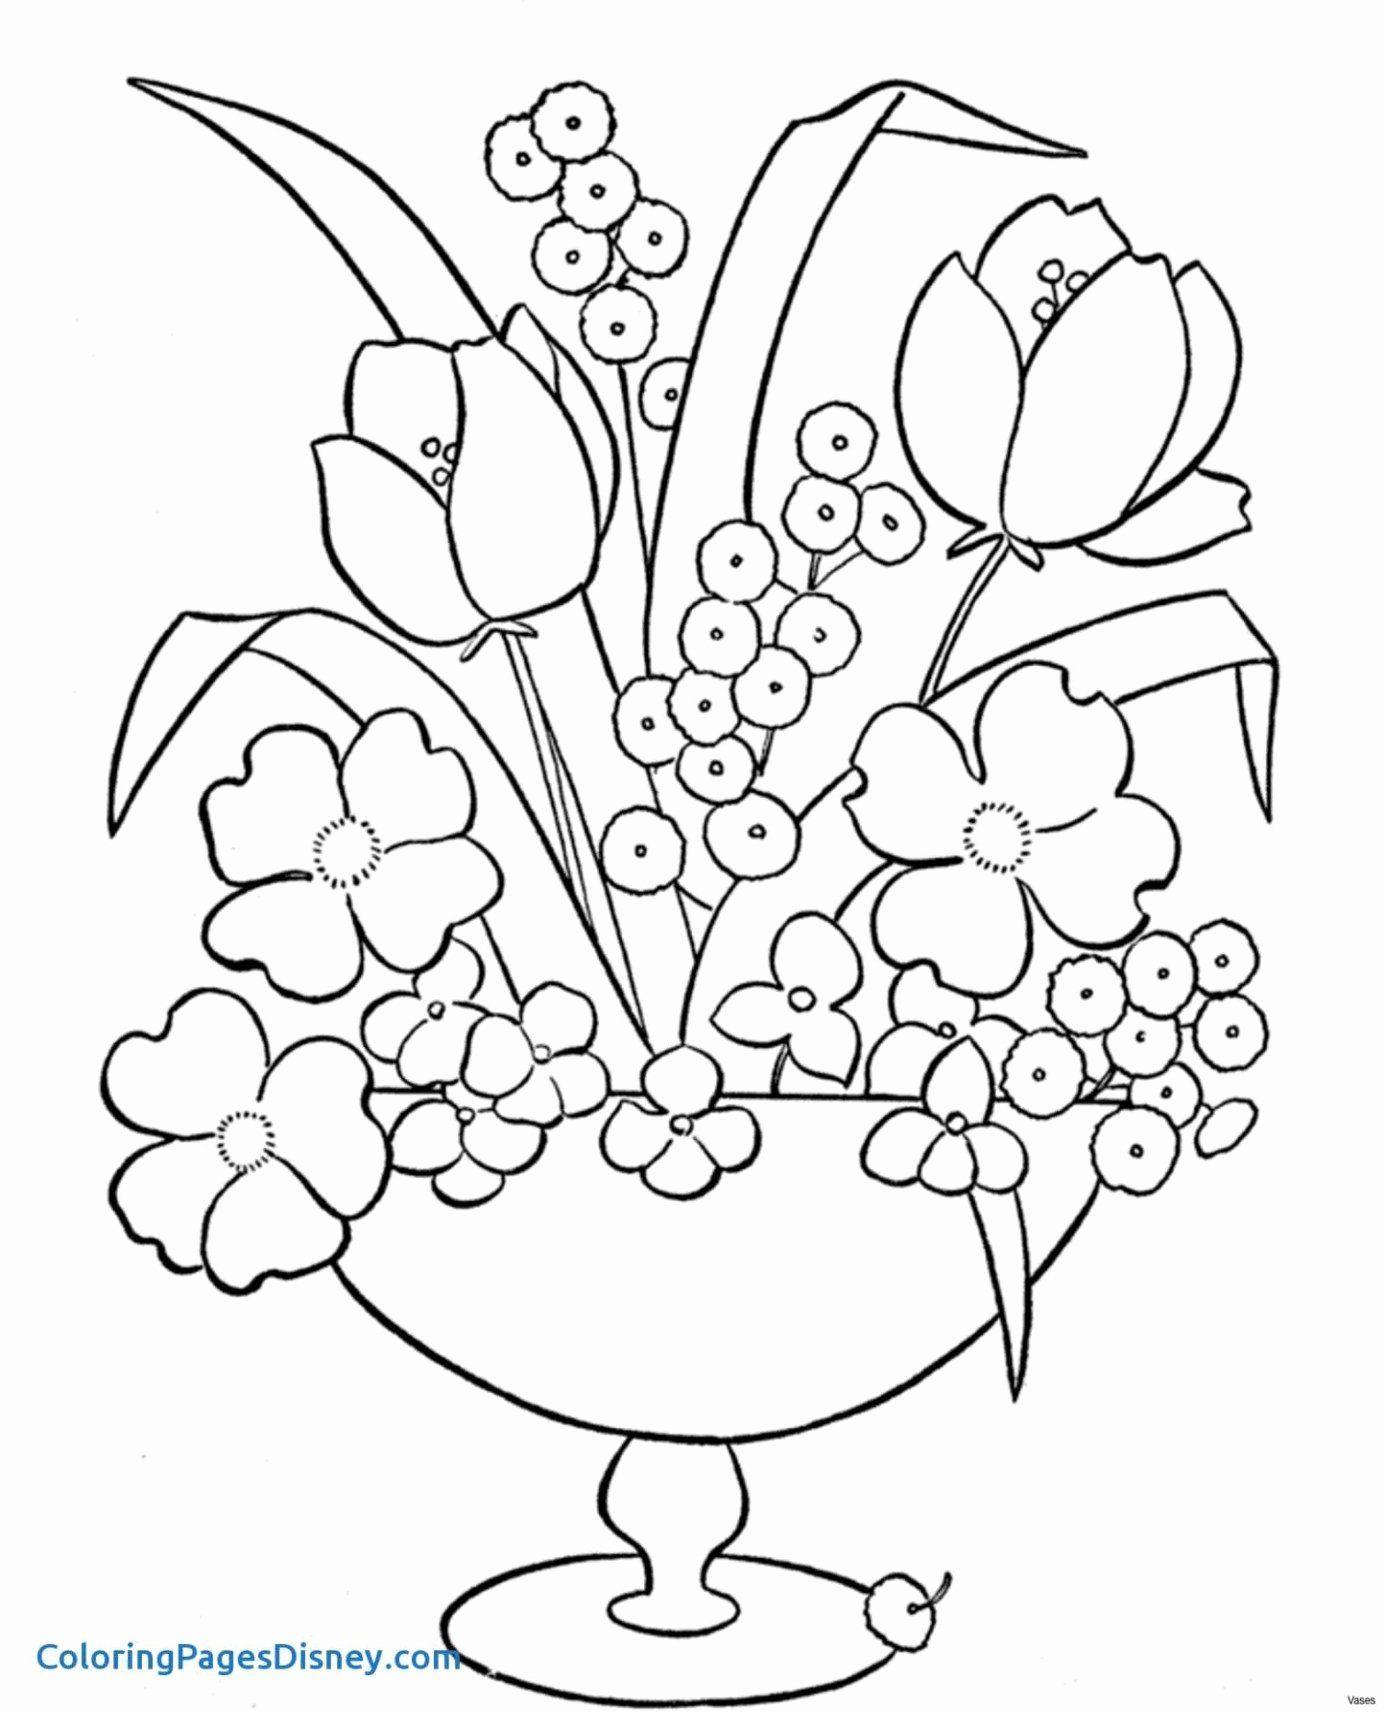 Flower Stem Coloring Page Elegant Leaf Coloring Page Buku Mewarnai Halaman Mewarnai Bunga Halaman Mewarnai